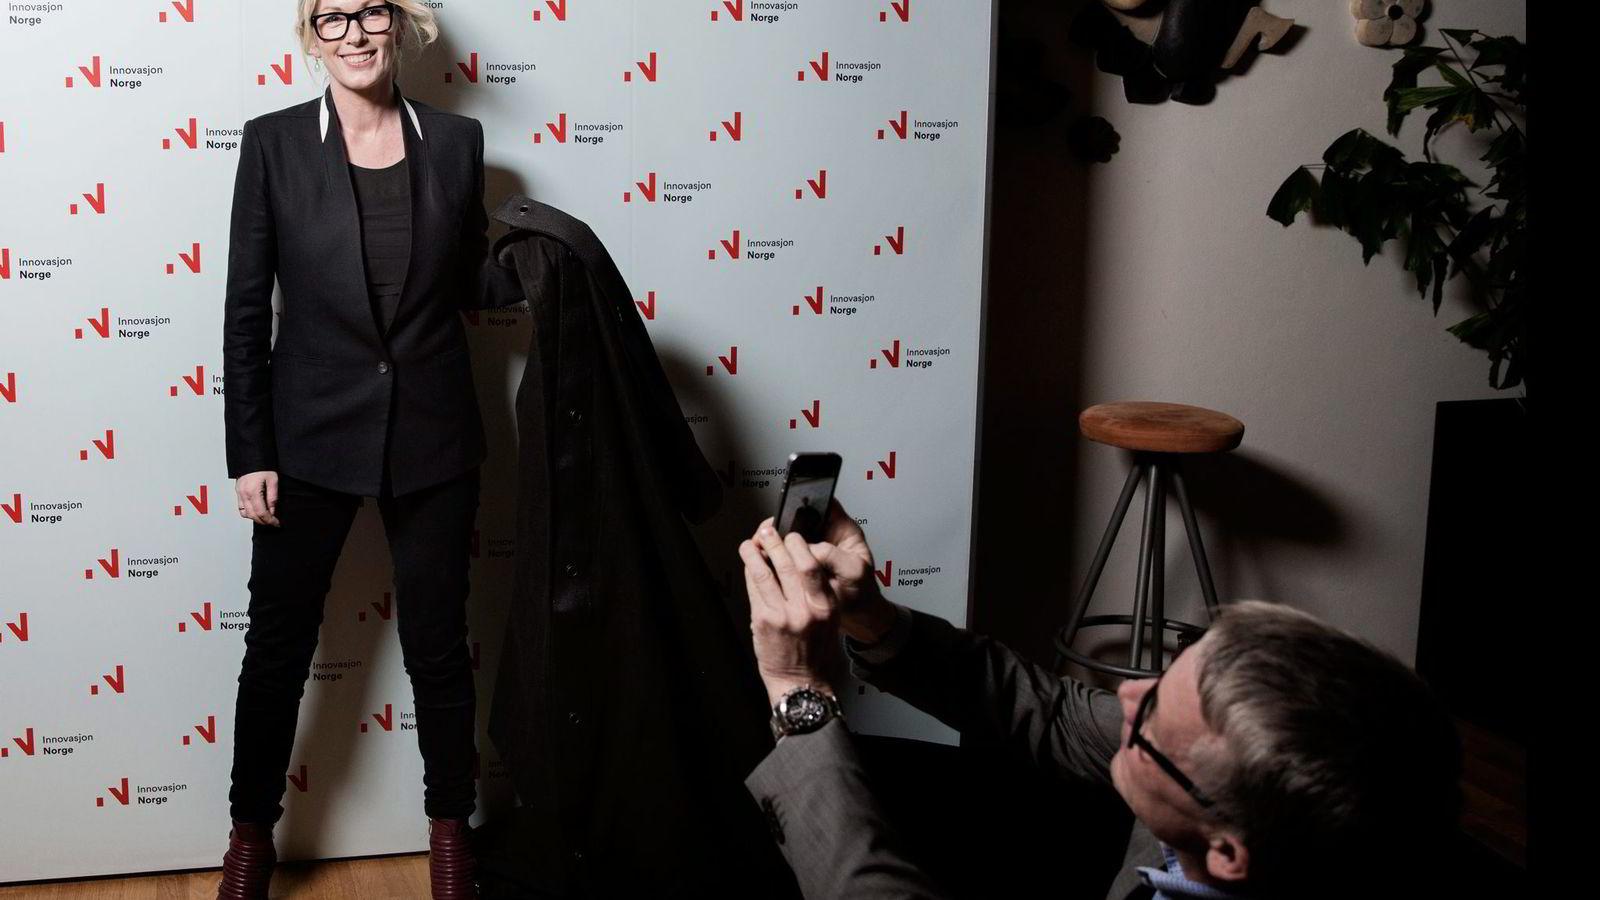 Anita Krohn Traaseth, er kjent for sin aktive bruk av sosiale medier for å involvere og skape dialog. Foto: Fredrik Bjerknes